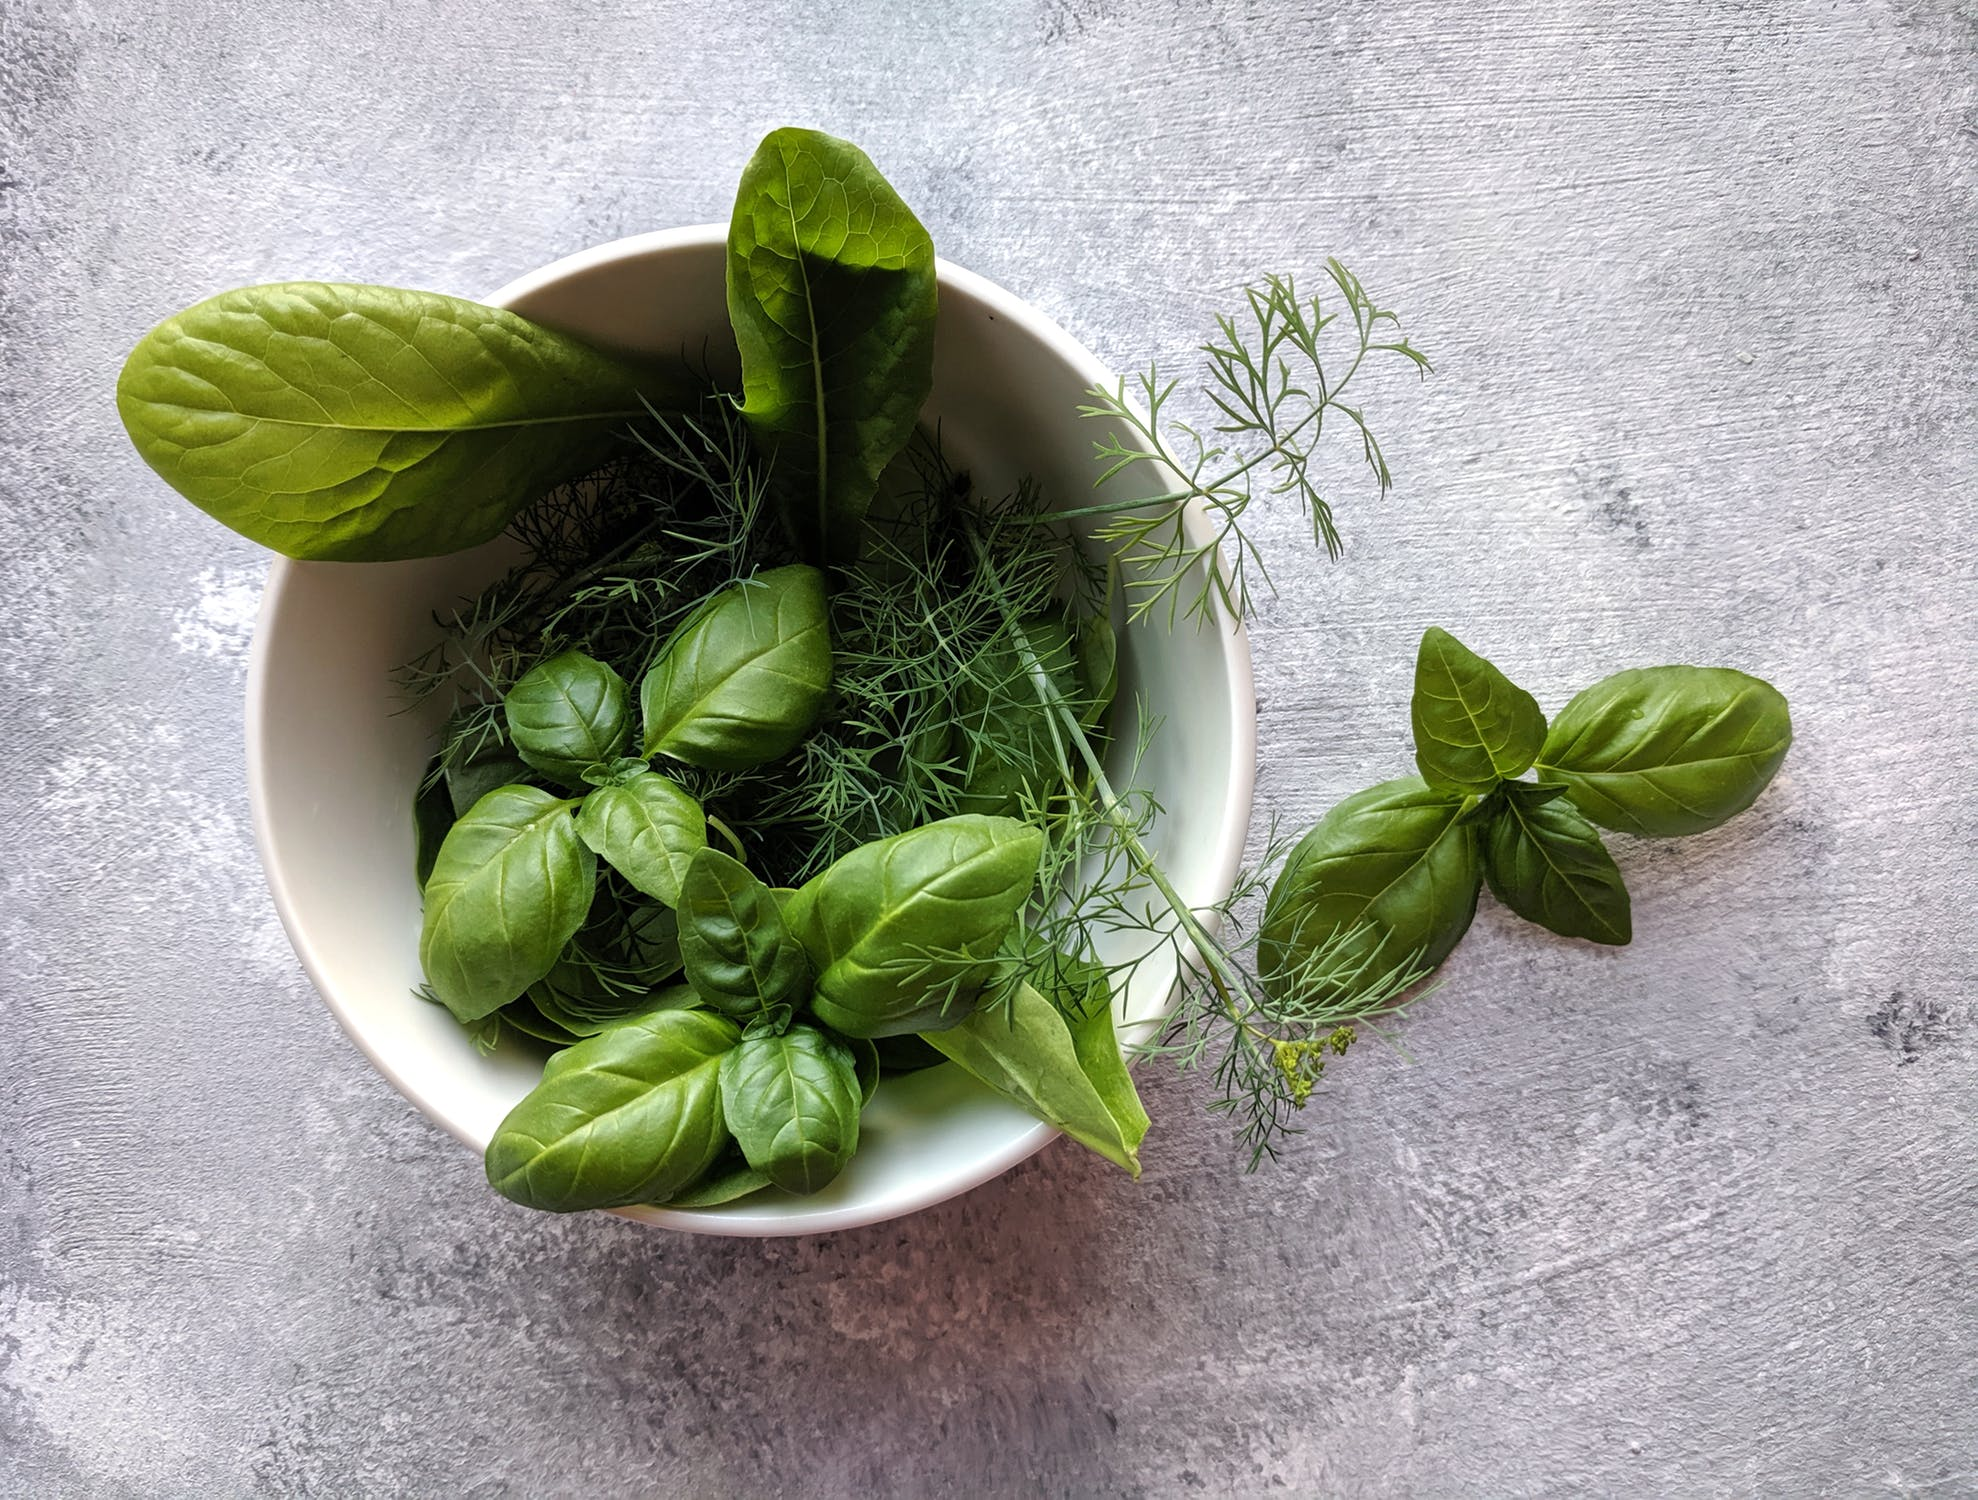 6 ประโยชน์ของ กะเพรา ผักเพื่อสุขภาพ โภชนาการ